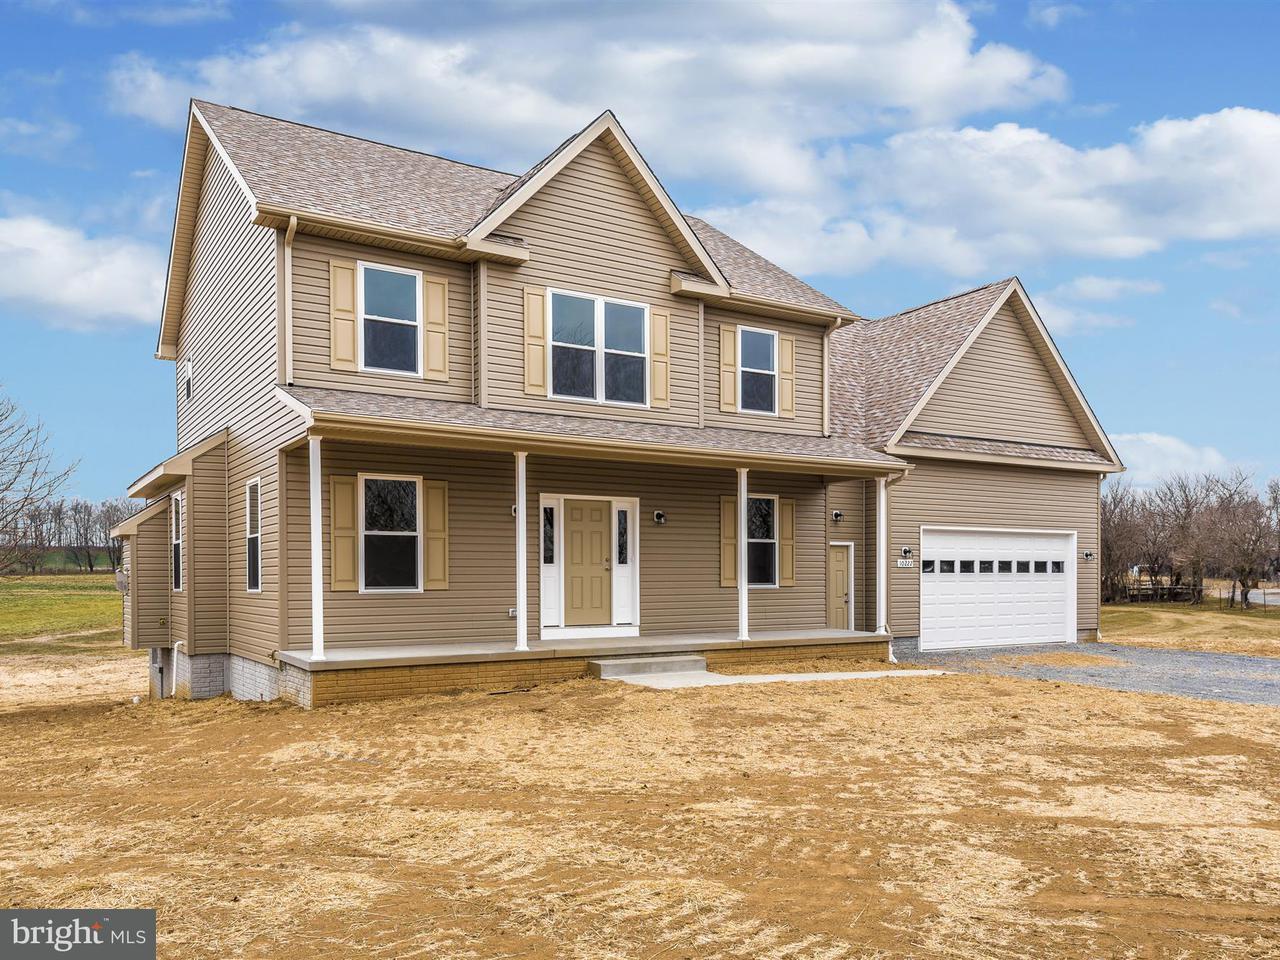 Частный односемейный дом для того Продажа на 10222 Glade Road 10222 Glade Road Walkersville, Мэриленд 21793 Соединенные Штаты